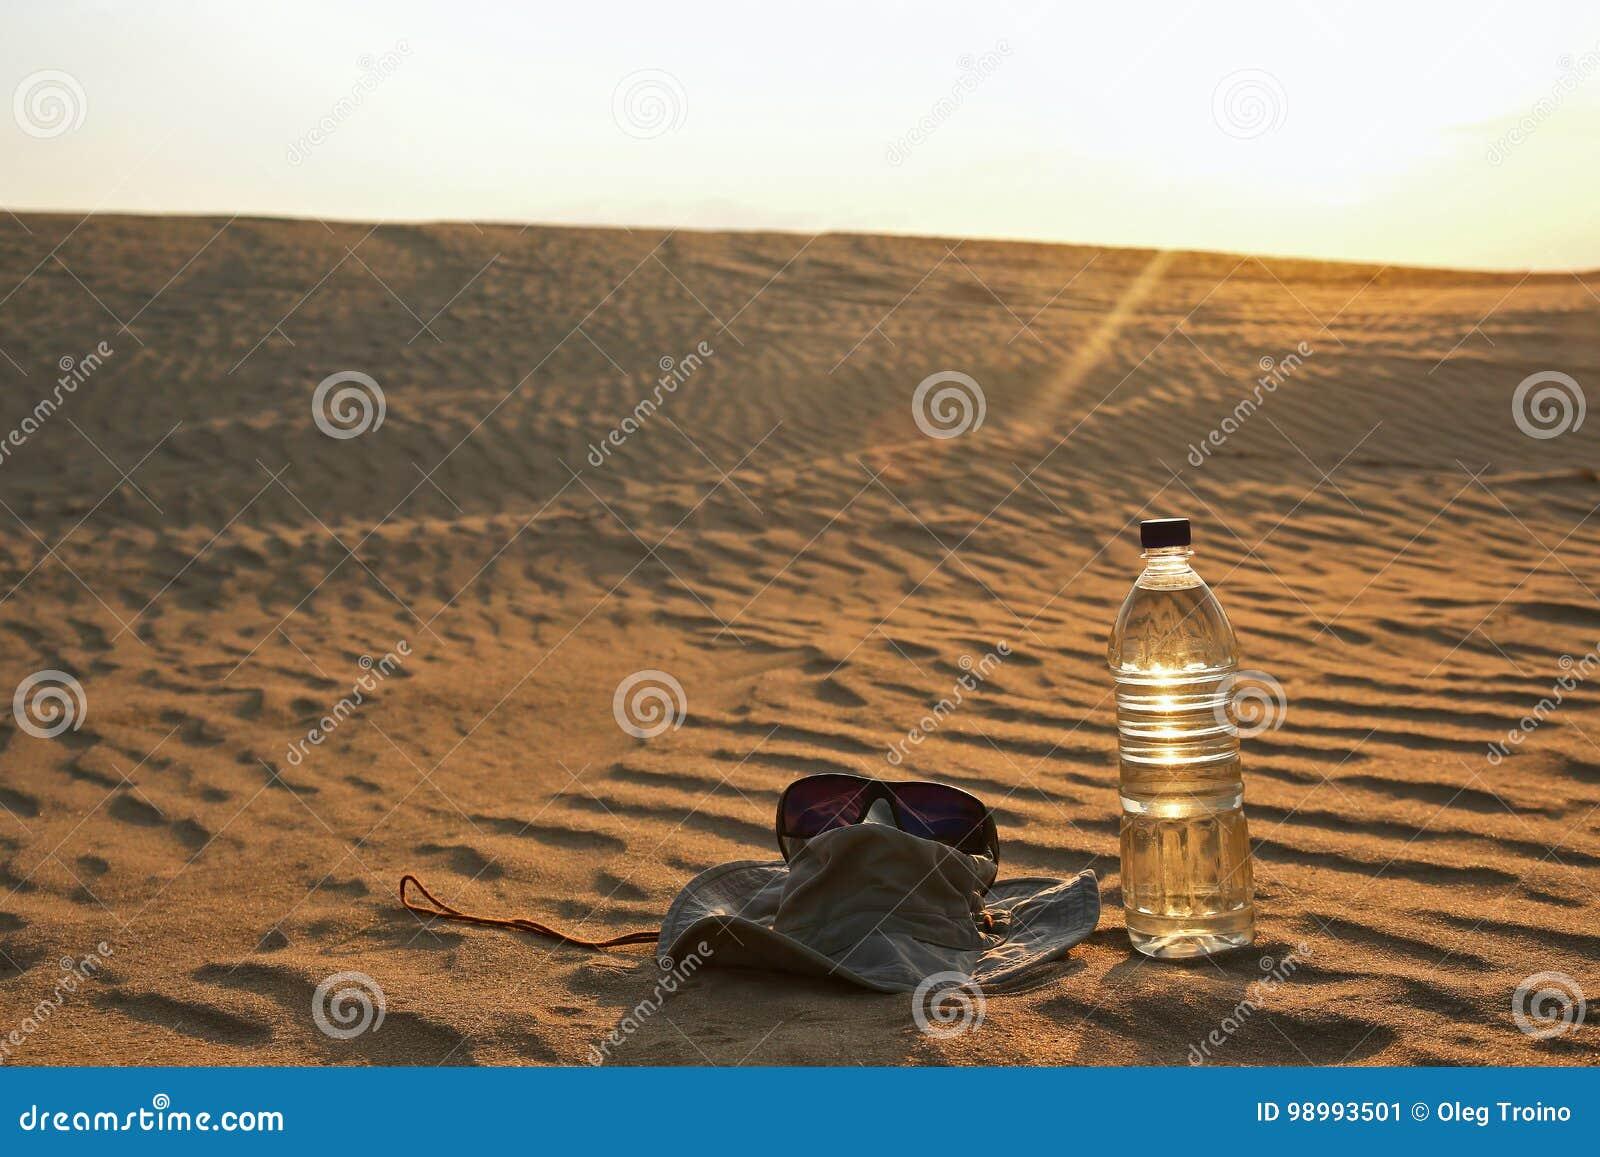 Vattenflaska, Hatt Och Solglasögon Som Ligger På Sanden I